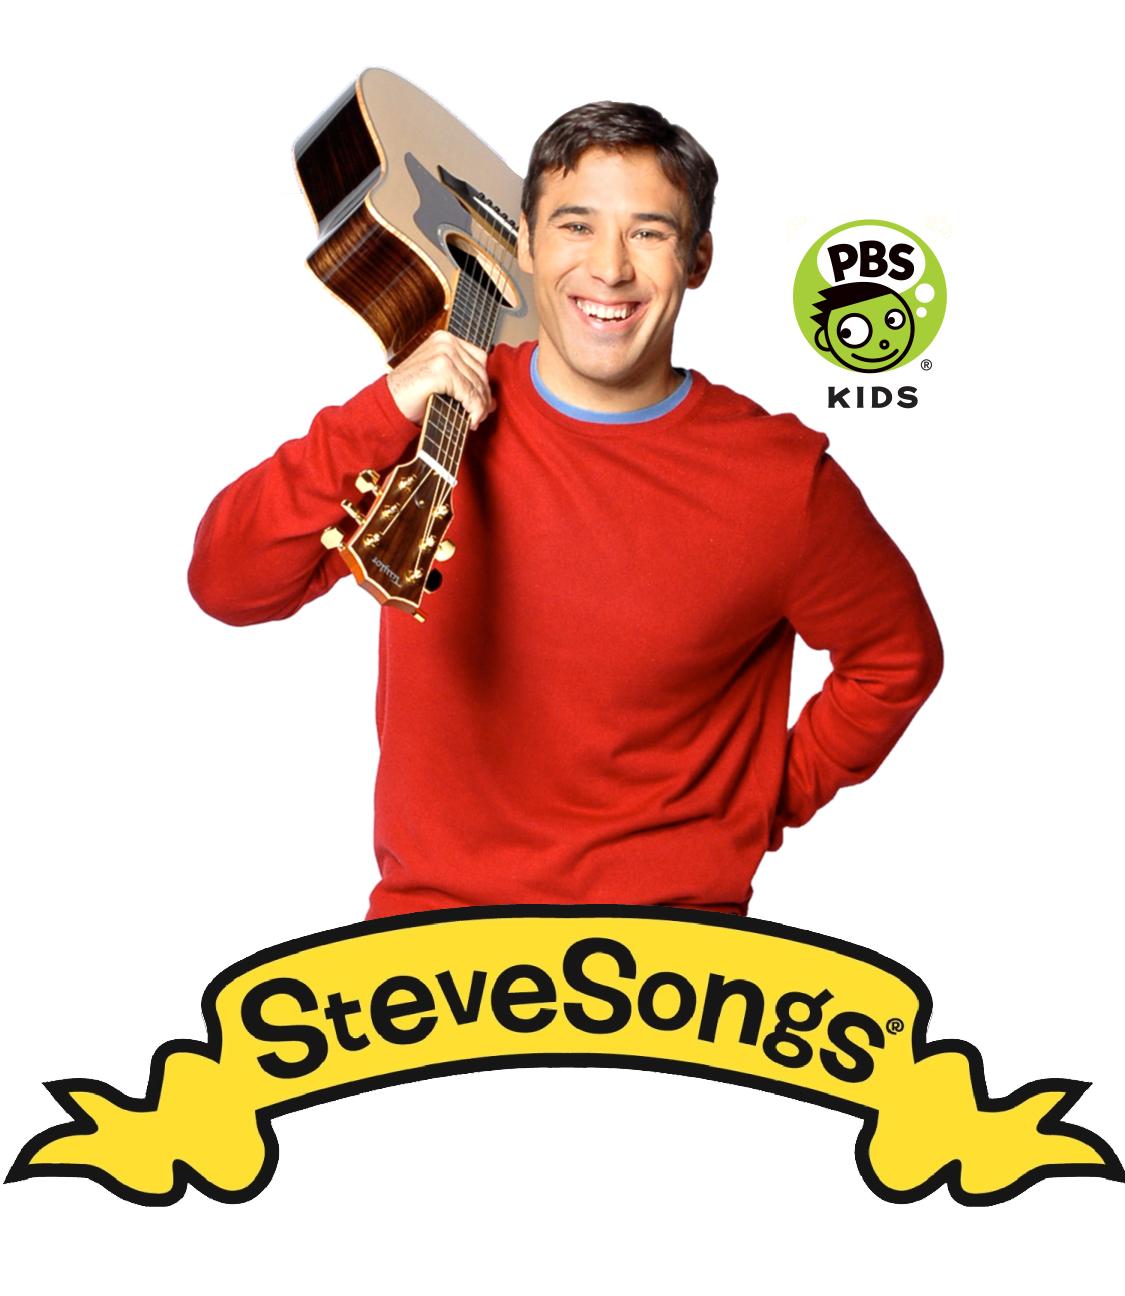 I Love You Mister Steve